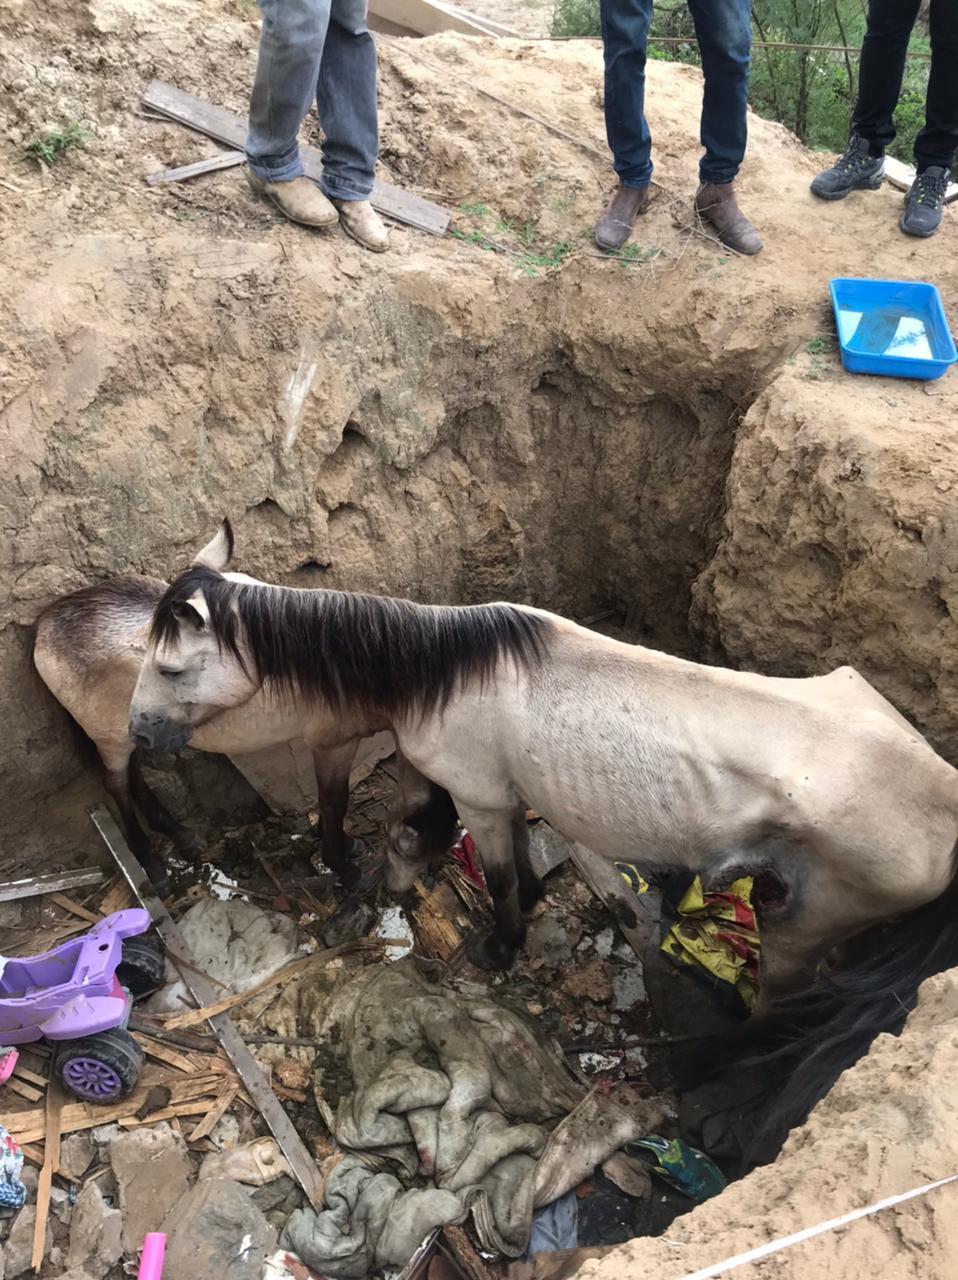 Cavalo cai dentro de buraco e é resgatado em Santa Cruz Do Capibaribe